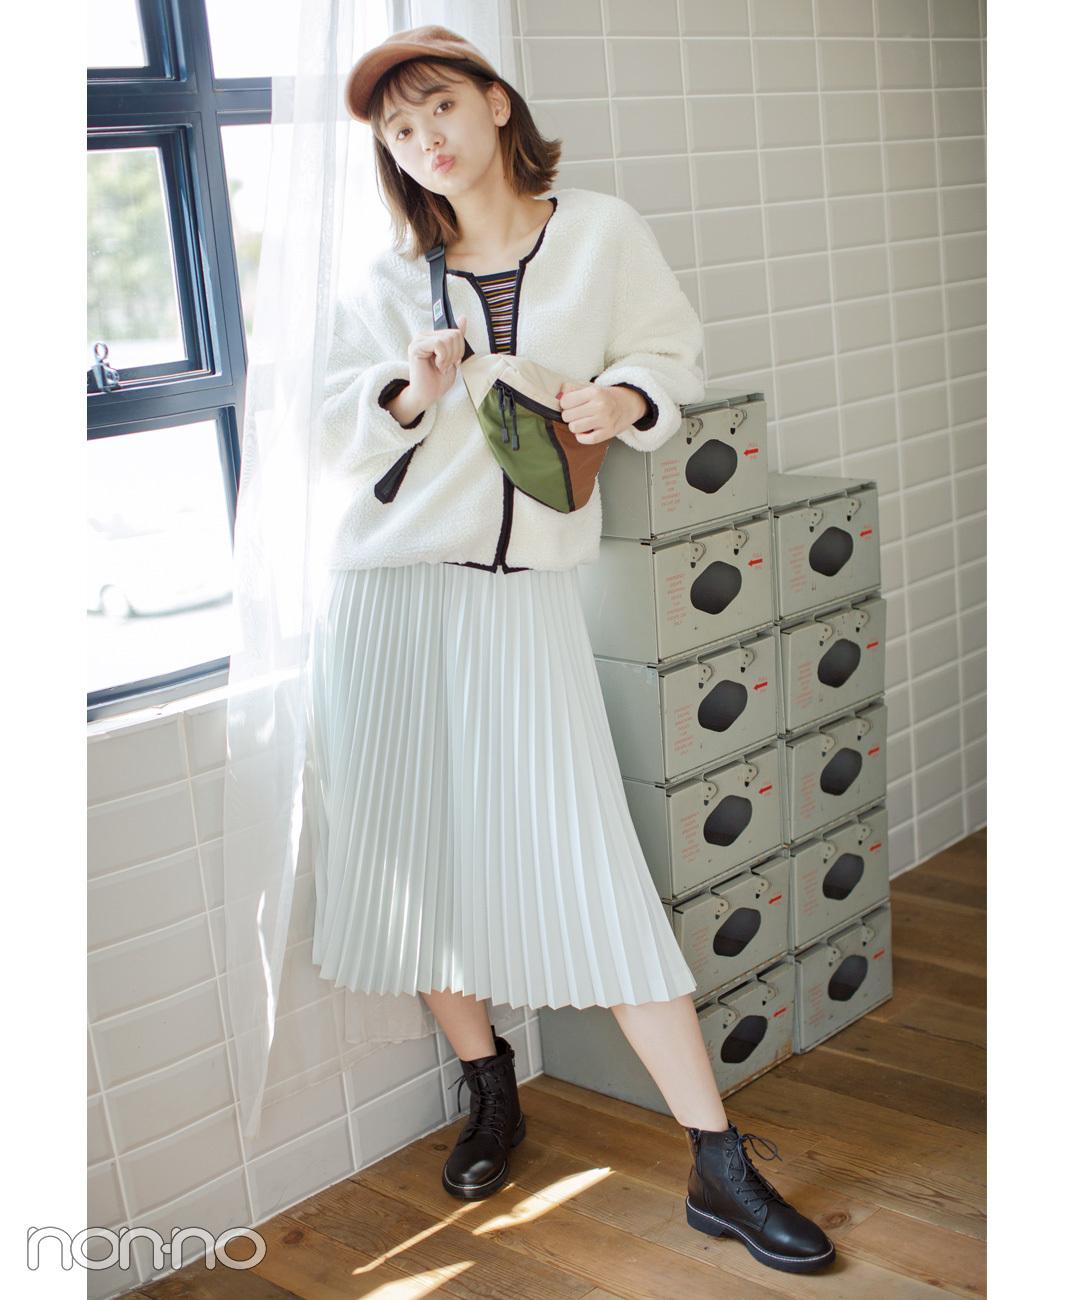 人気のボアブルゾン×プリーツスカートでギャップコーデ【毎日コーデ】